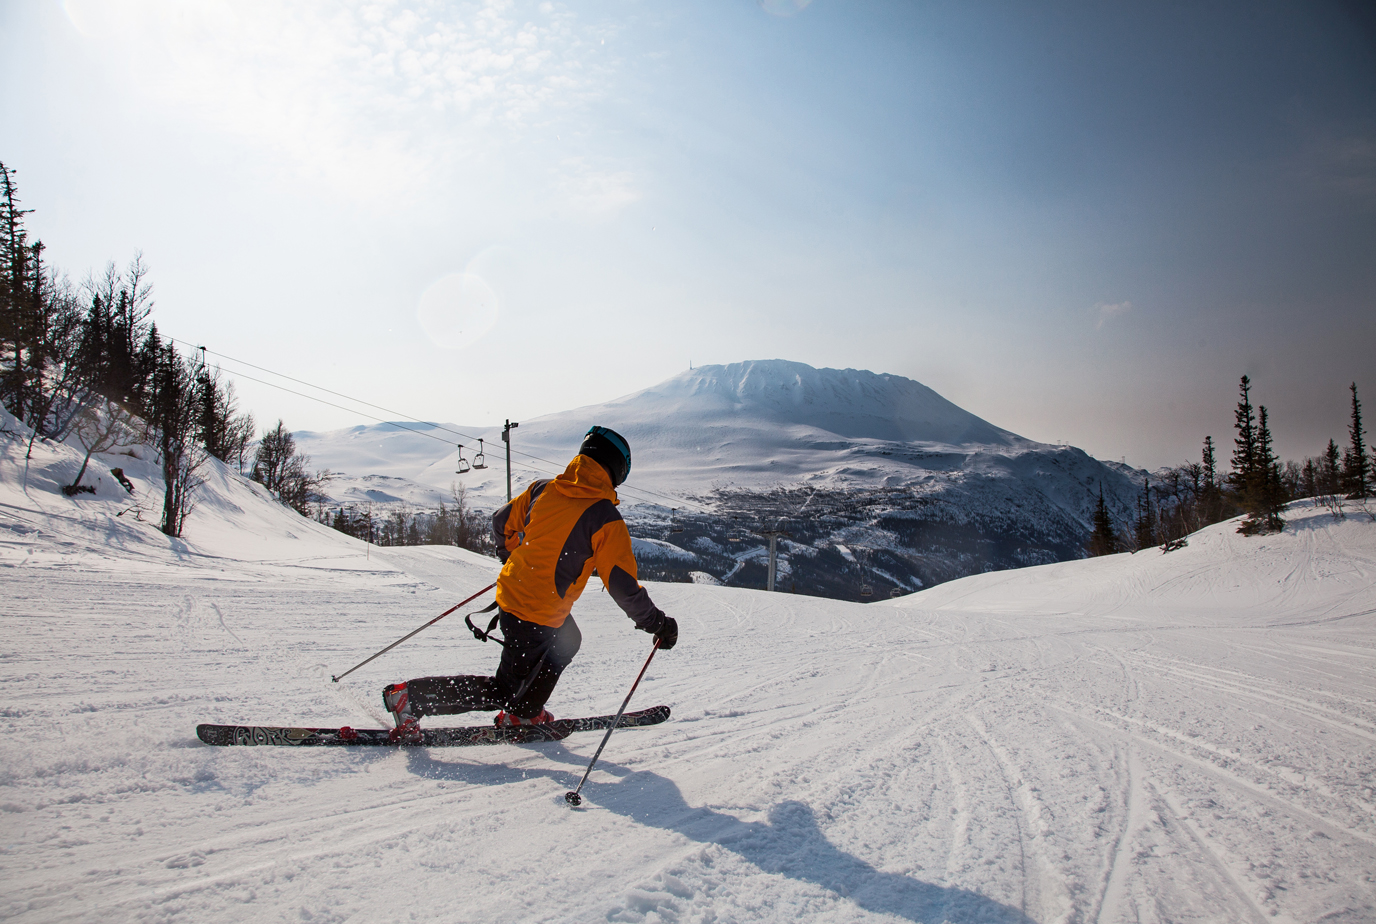 Gaustablikk Skisenter ligger flott til ved foten av Gaustatoppen., © Gaustatoppen Booking/Trond Stegarud